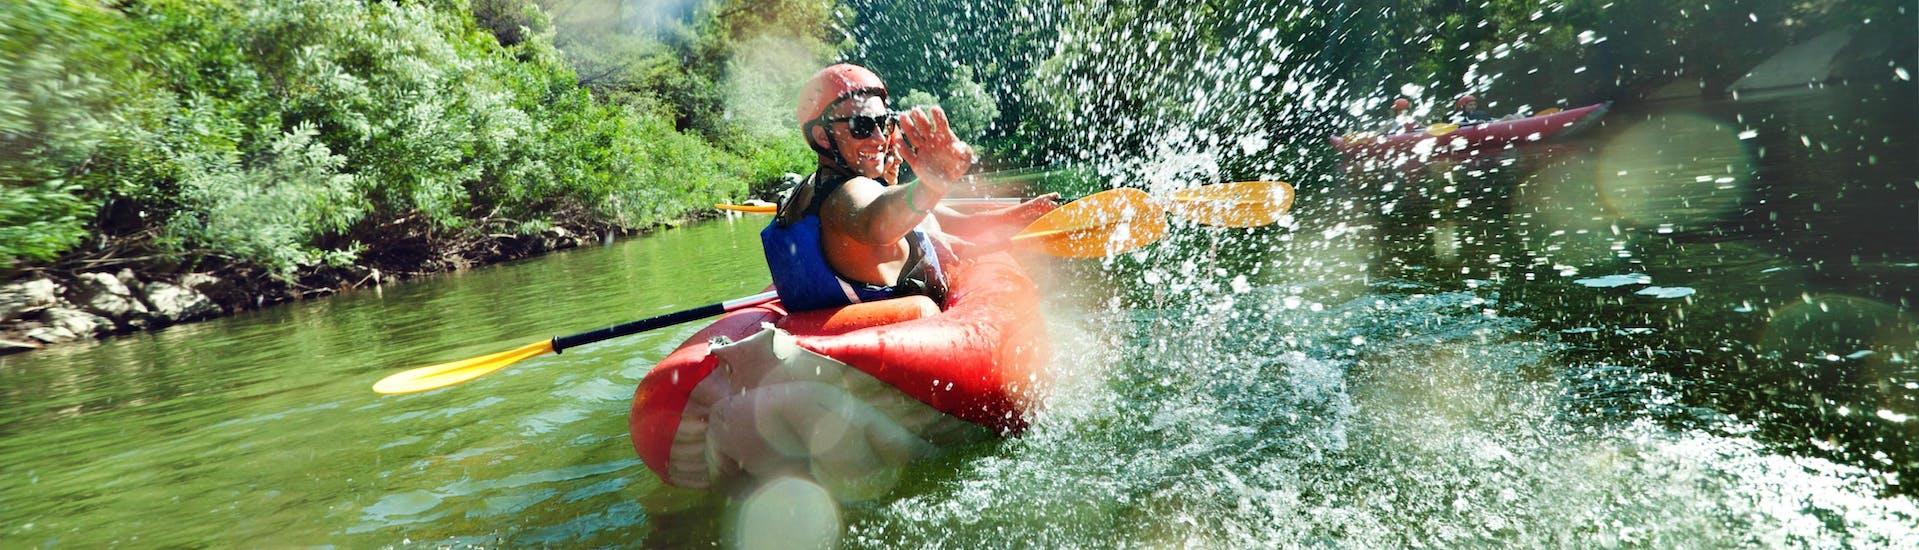 Due amici spruzzano acqua in un'escursione di kayaking lungo un fiume nell'hotspot di kayaking e canoa, Regione zaratina.